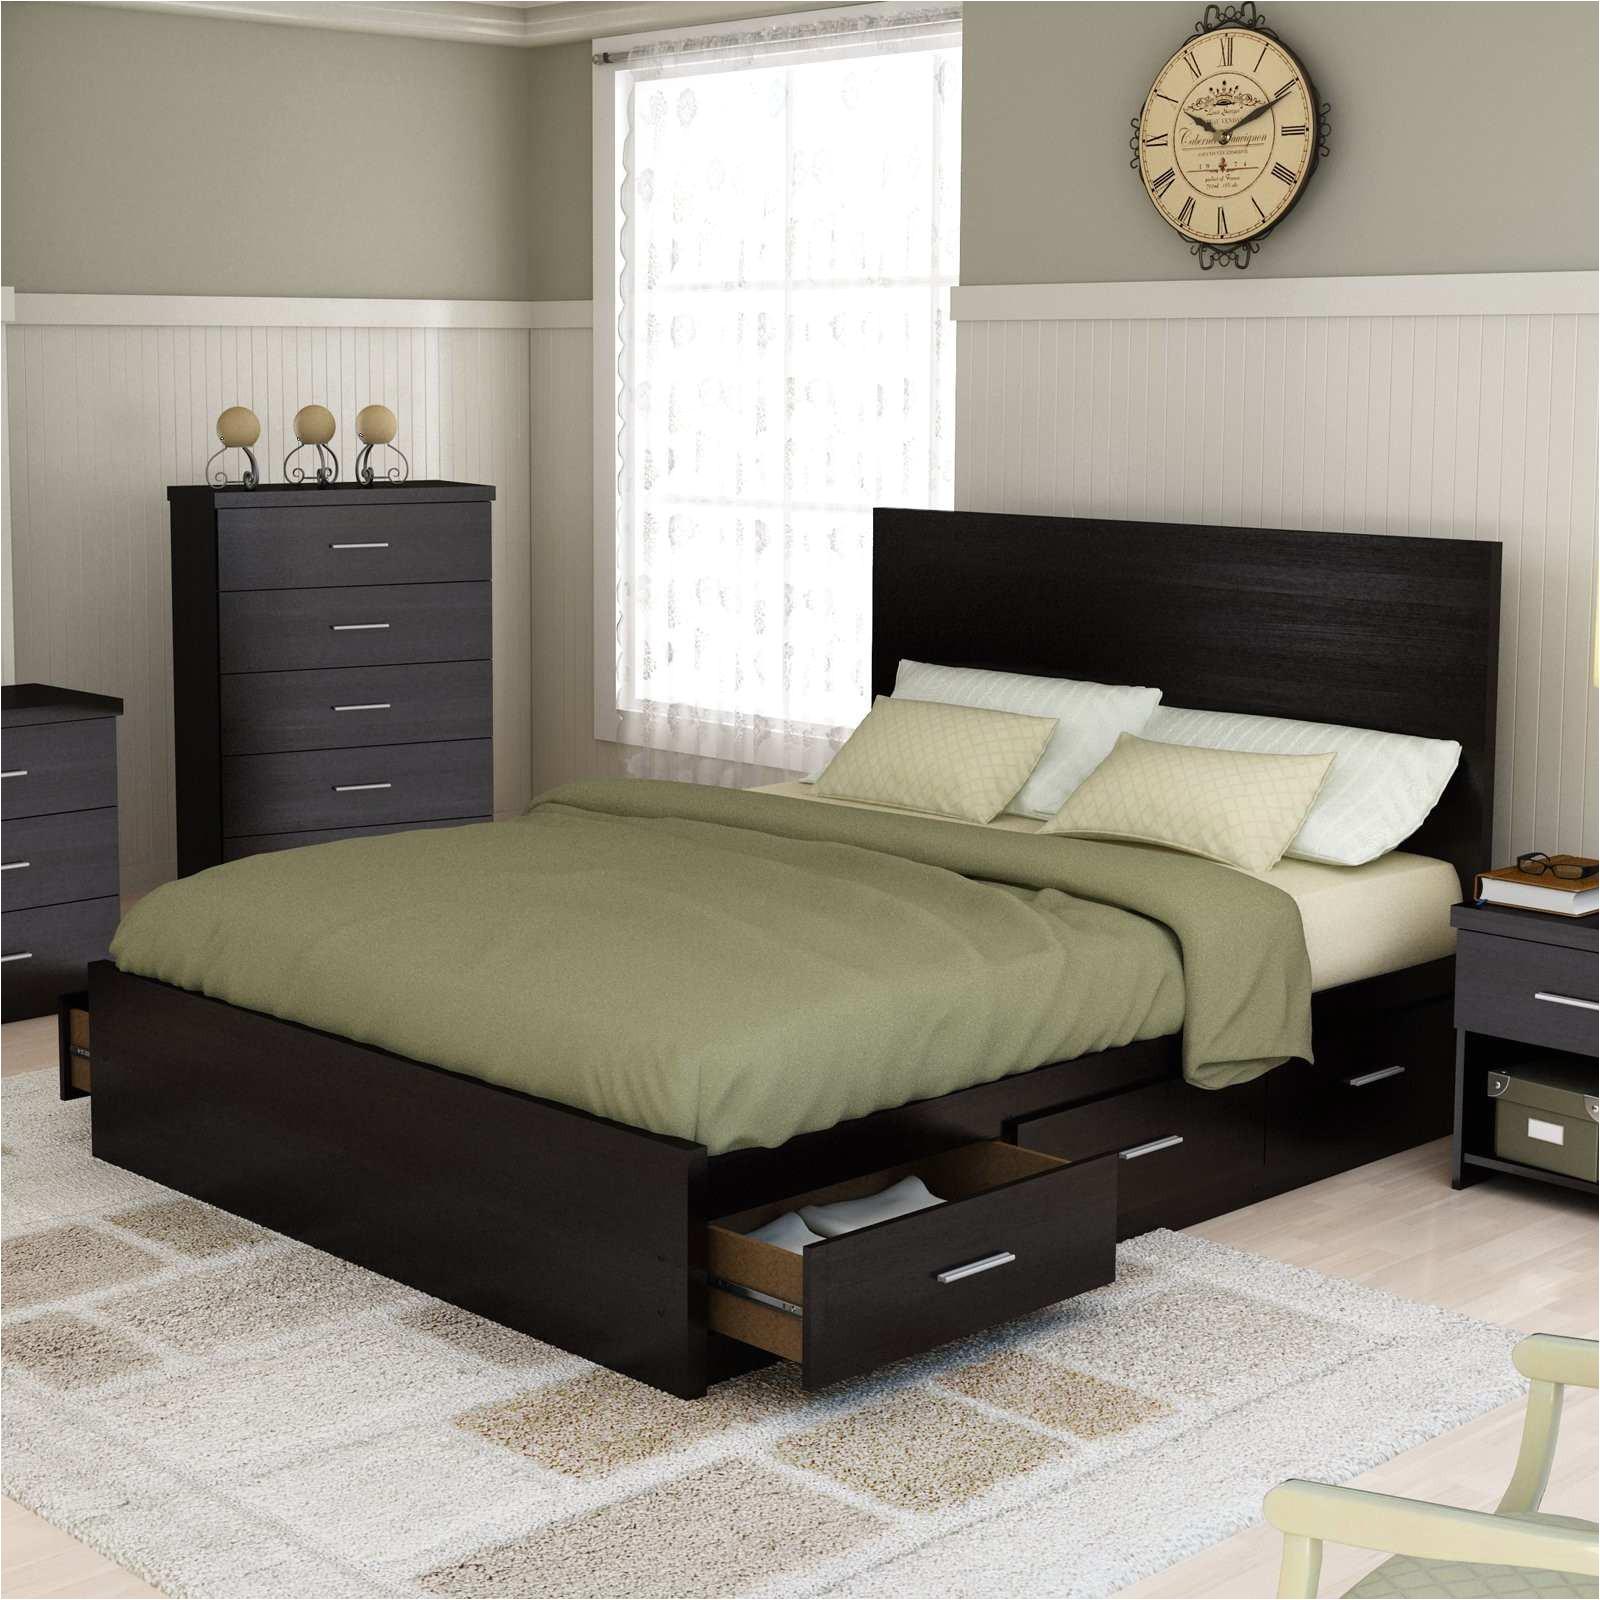 best platform bed frame fresh inspirational platform beds with storage underneath of best platform bed frame